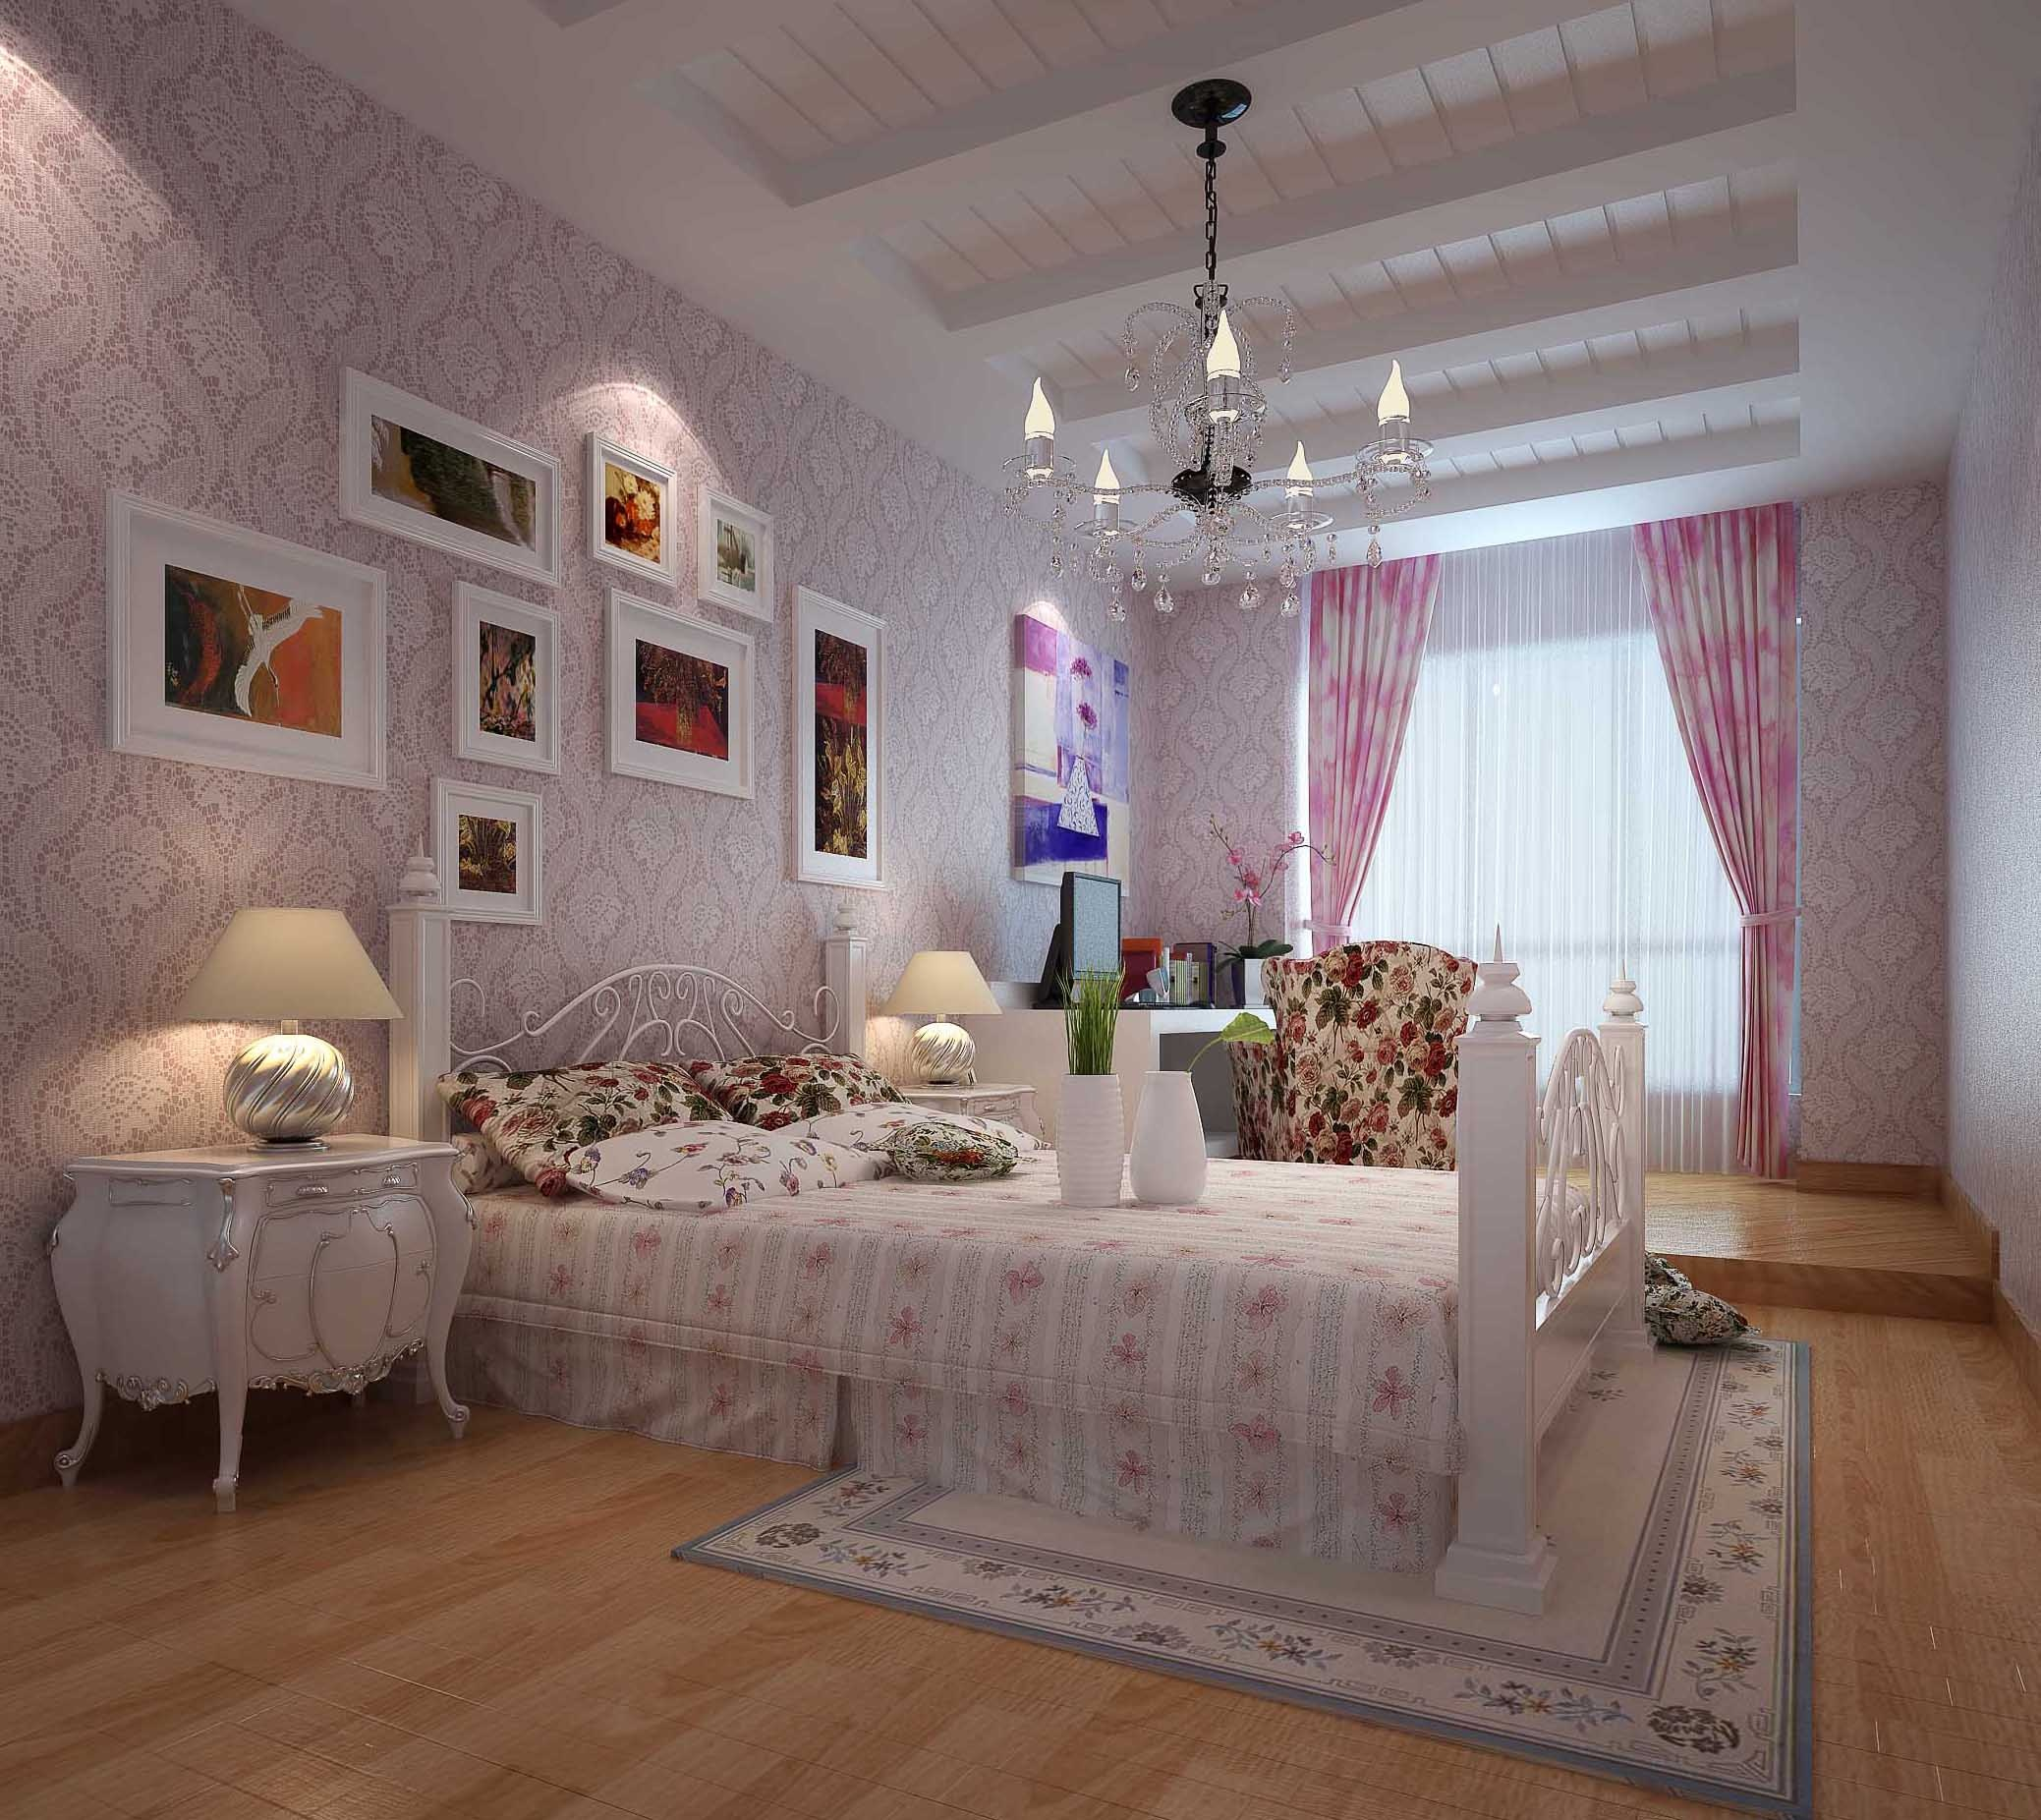 欧式风格儿童房装修效果图装修效果图